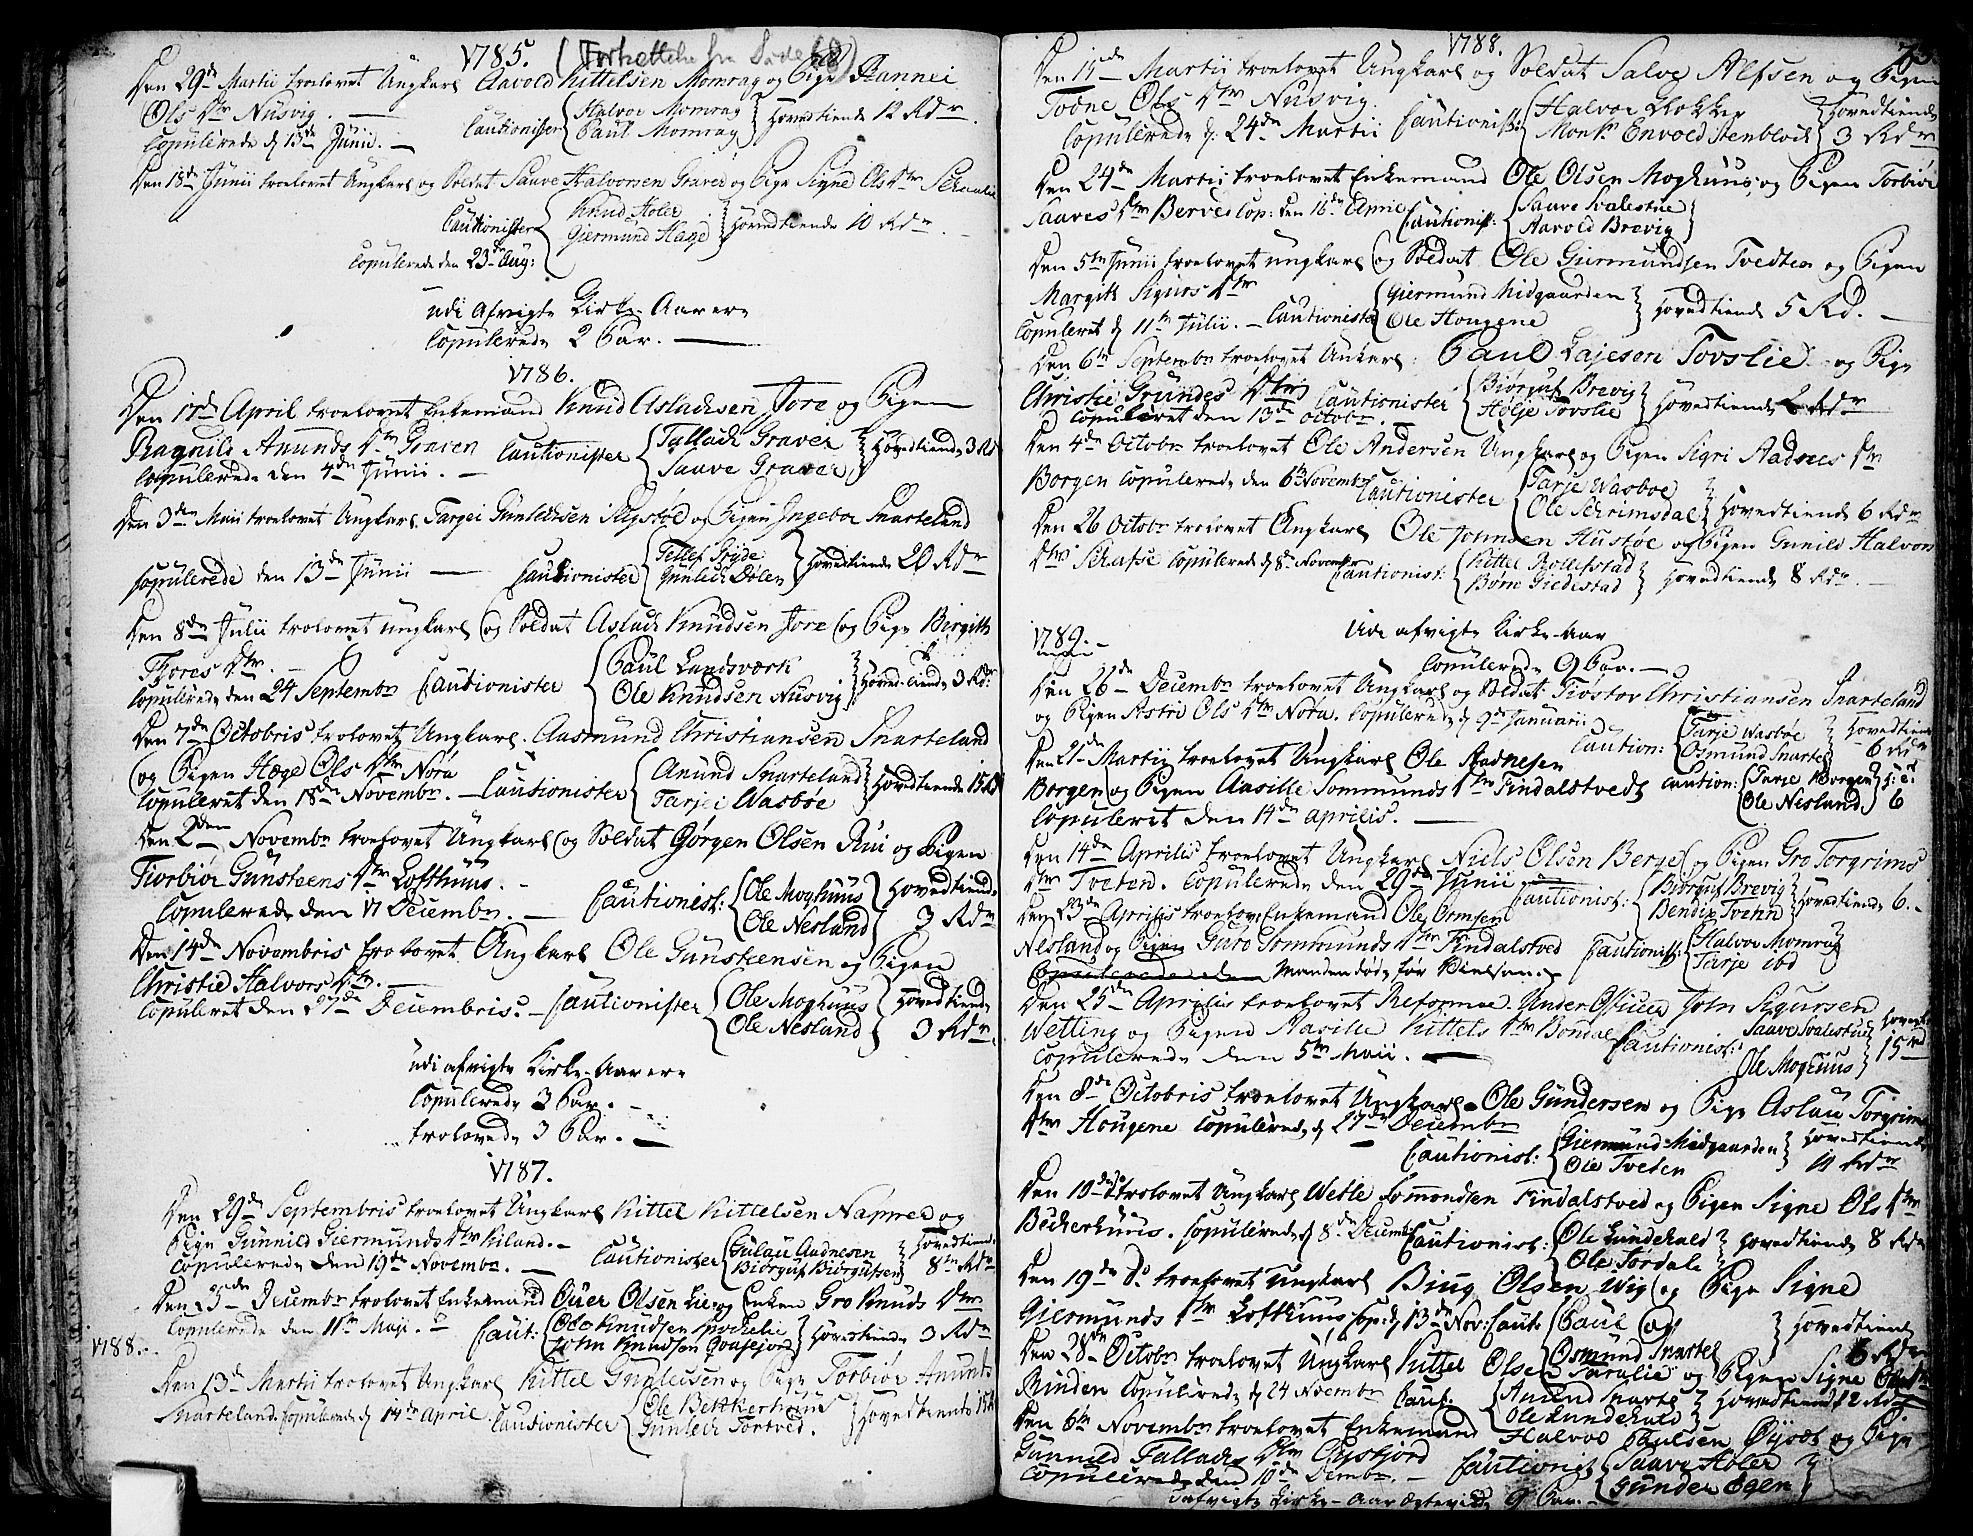 SAKO, Fyresdal kirkebøker, F/Fa/L0002: Ministerialbok nr. I 2, 1769-1814, s. 73